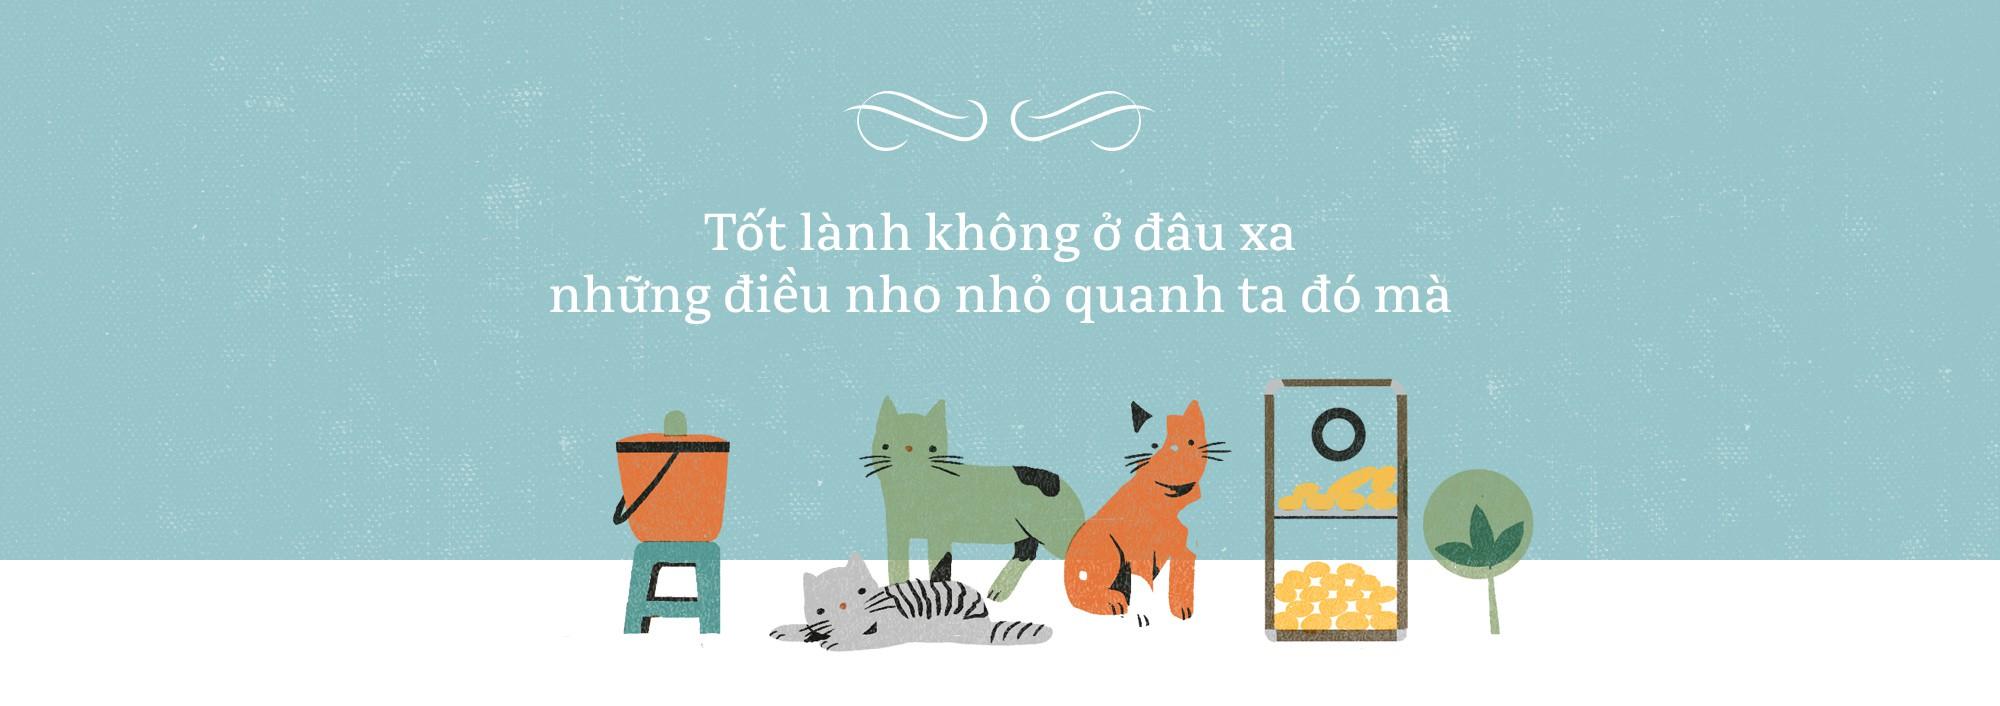 Chuyện cô gái quên ví gặp anh bán dừa dễ thương và câu cửa miệng: Bữa nào ghé trả cũng được của người Sài Gòn - Ảnh 2.